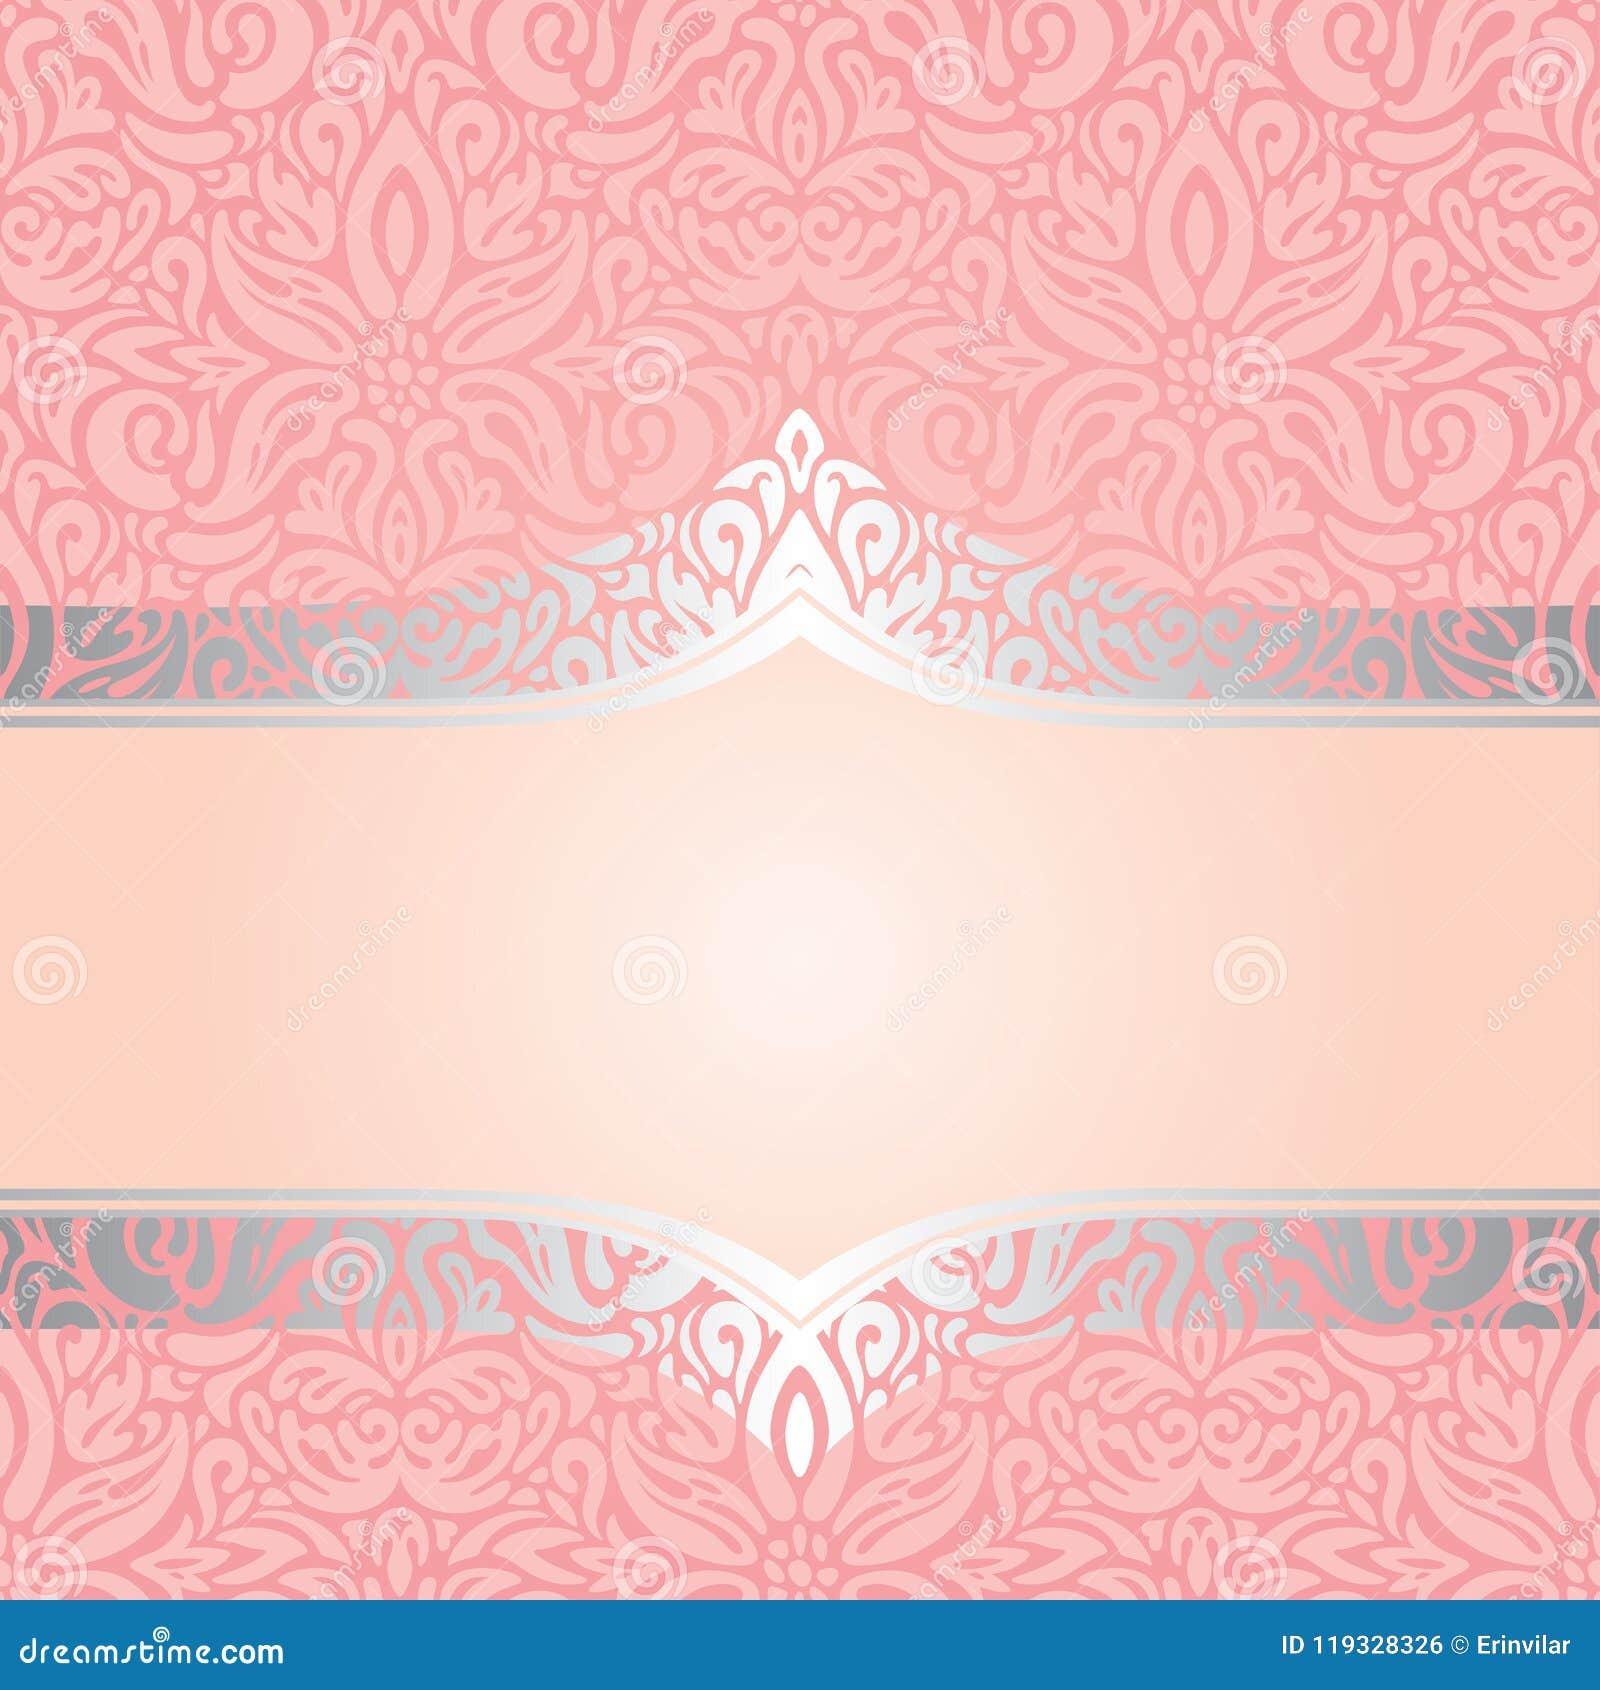 Pink Silver Retro Decorative Invitation Trendy Wallpaper